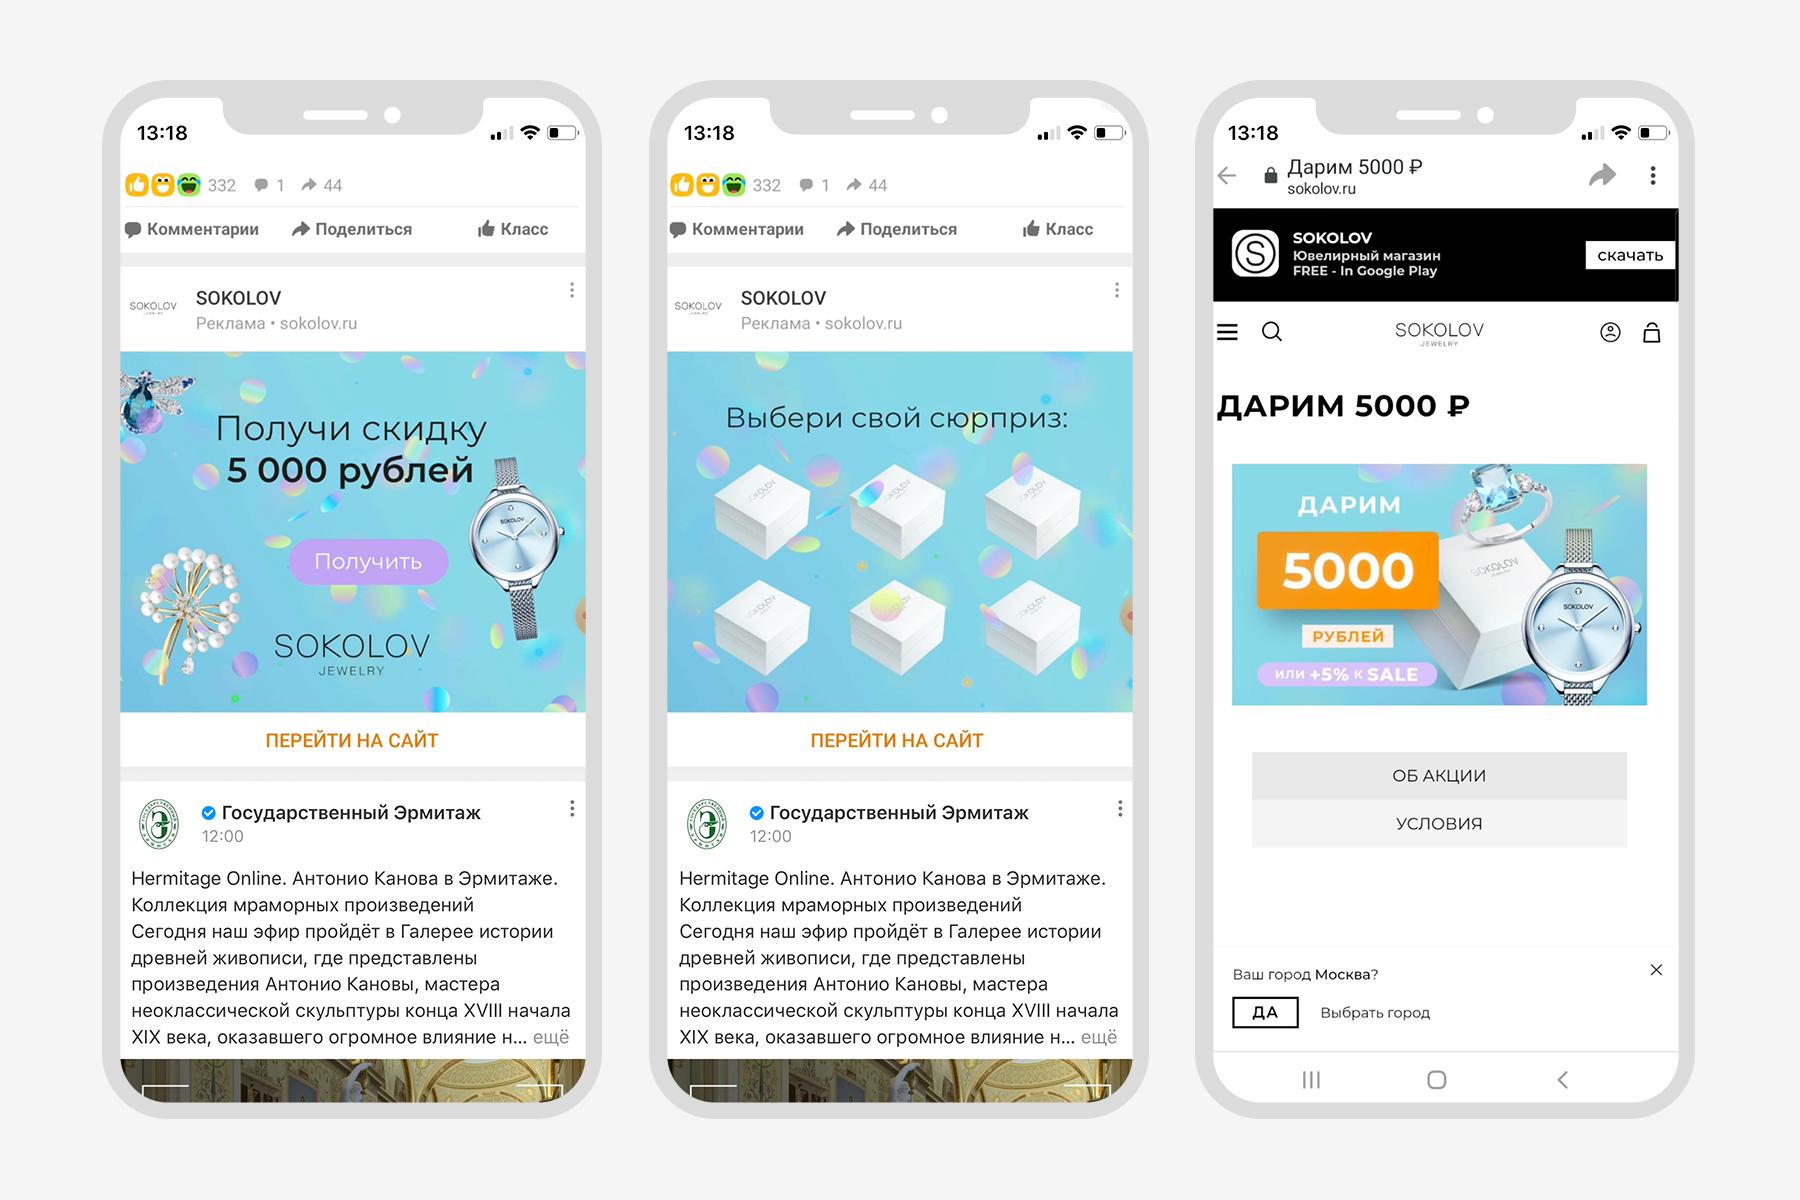 Одноклассники запустили интерактивную рекламу в мобильной ленте новостей